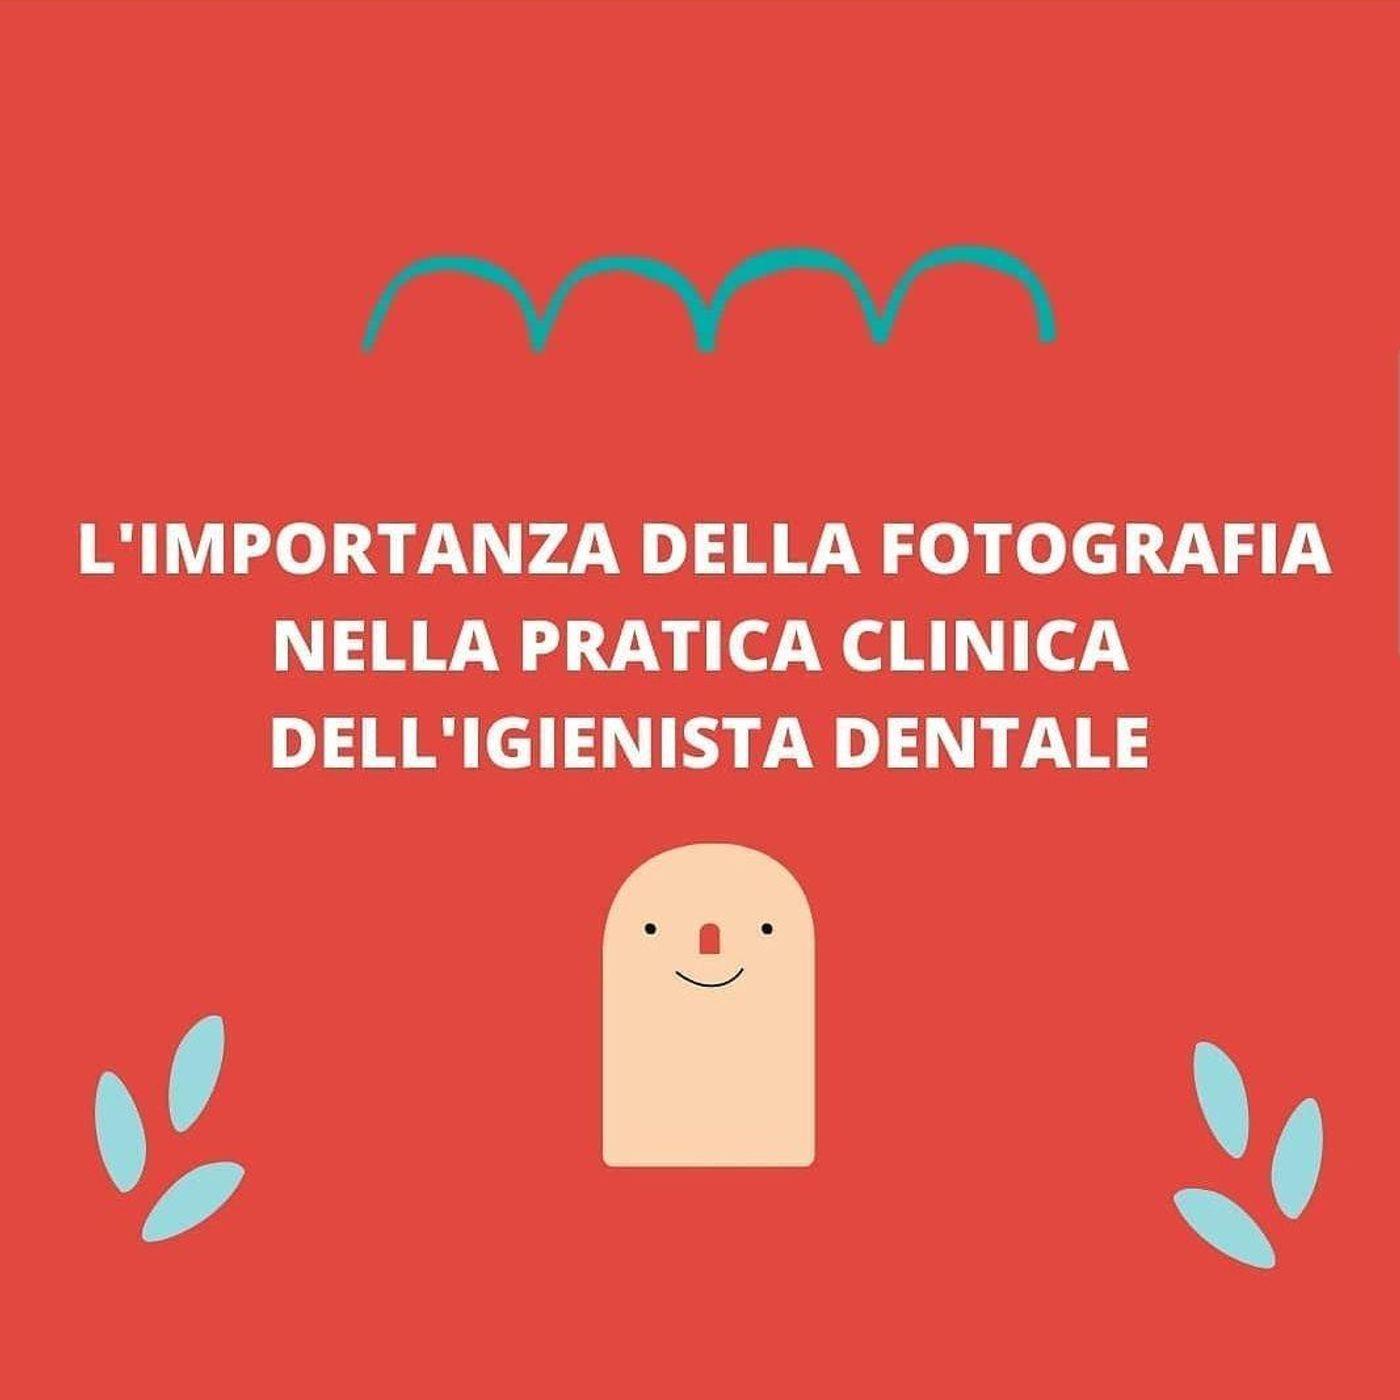 [Aggiornamento] L'importanza della fotografia nella pratica clinica dell'Igienista Dentale - Dott. Simone Villa